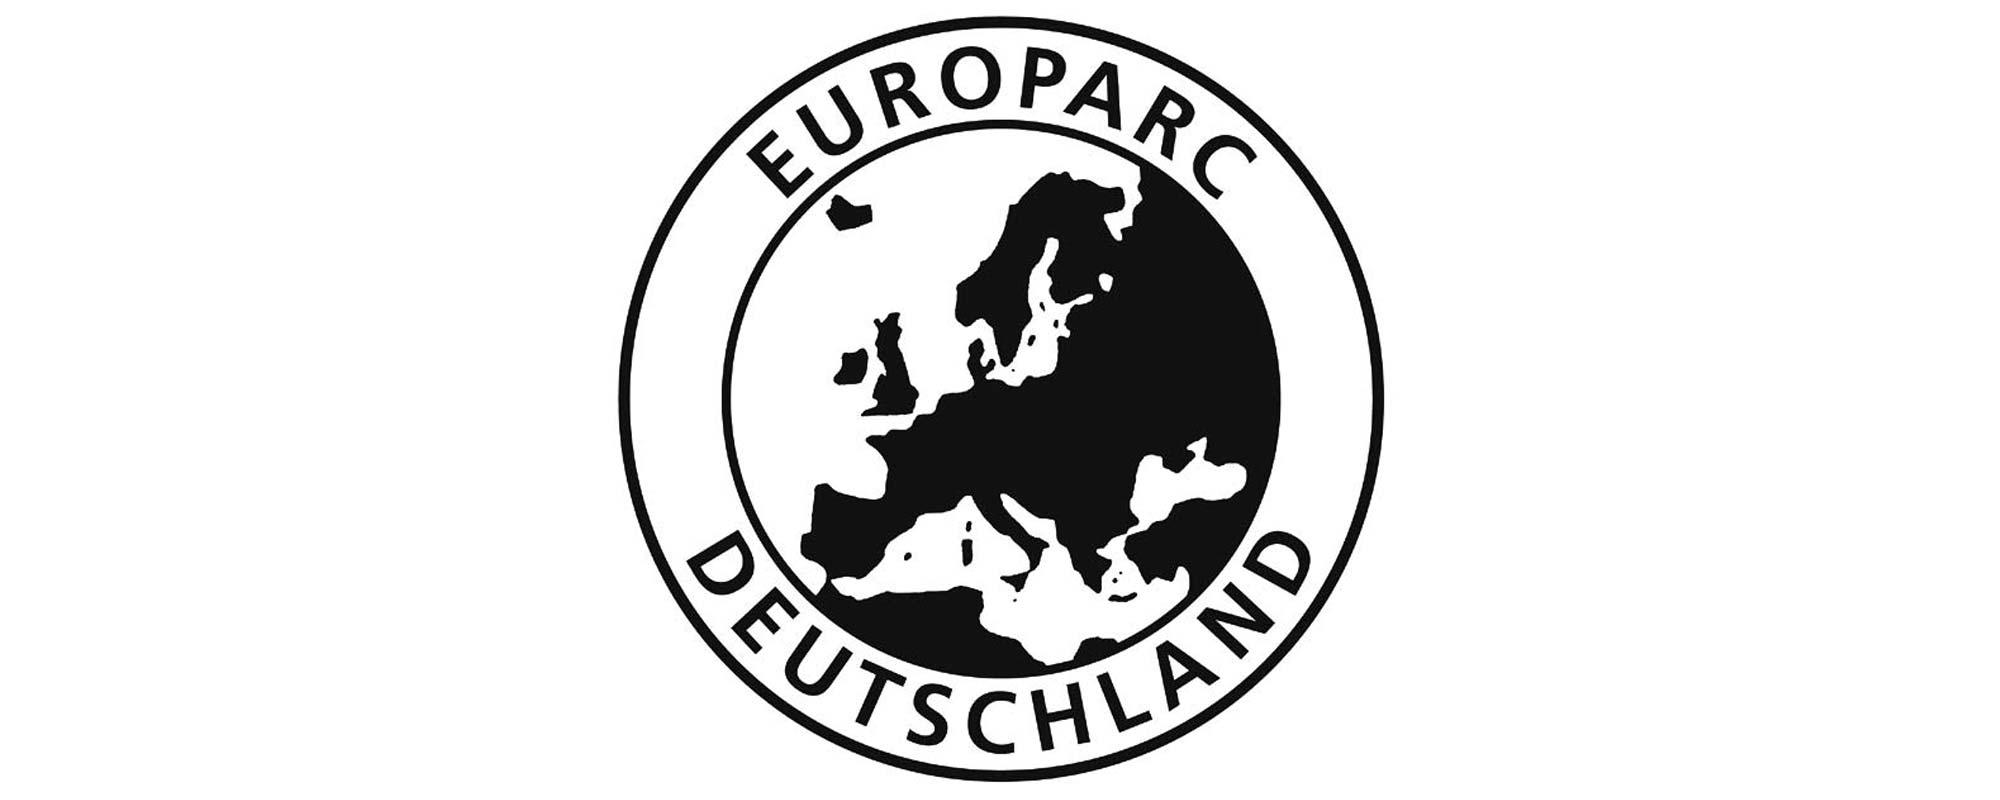 L_europarc